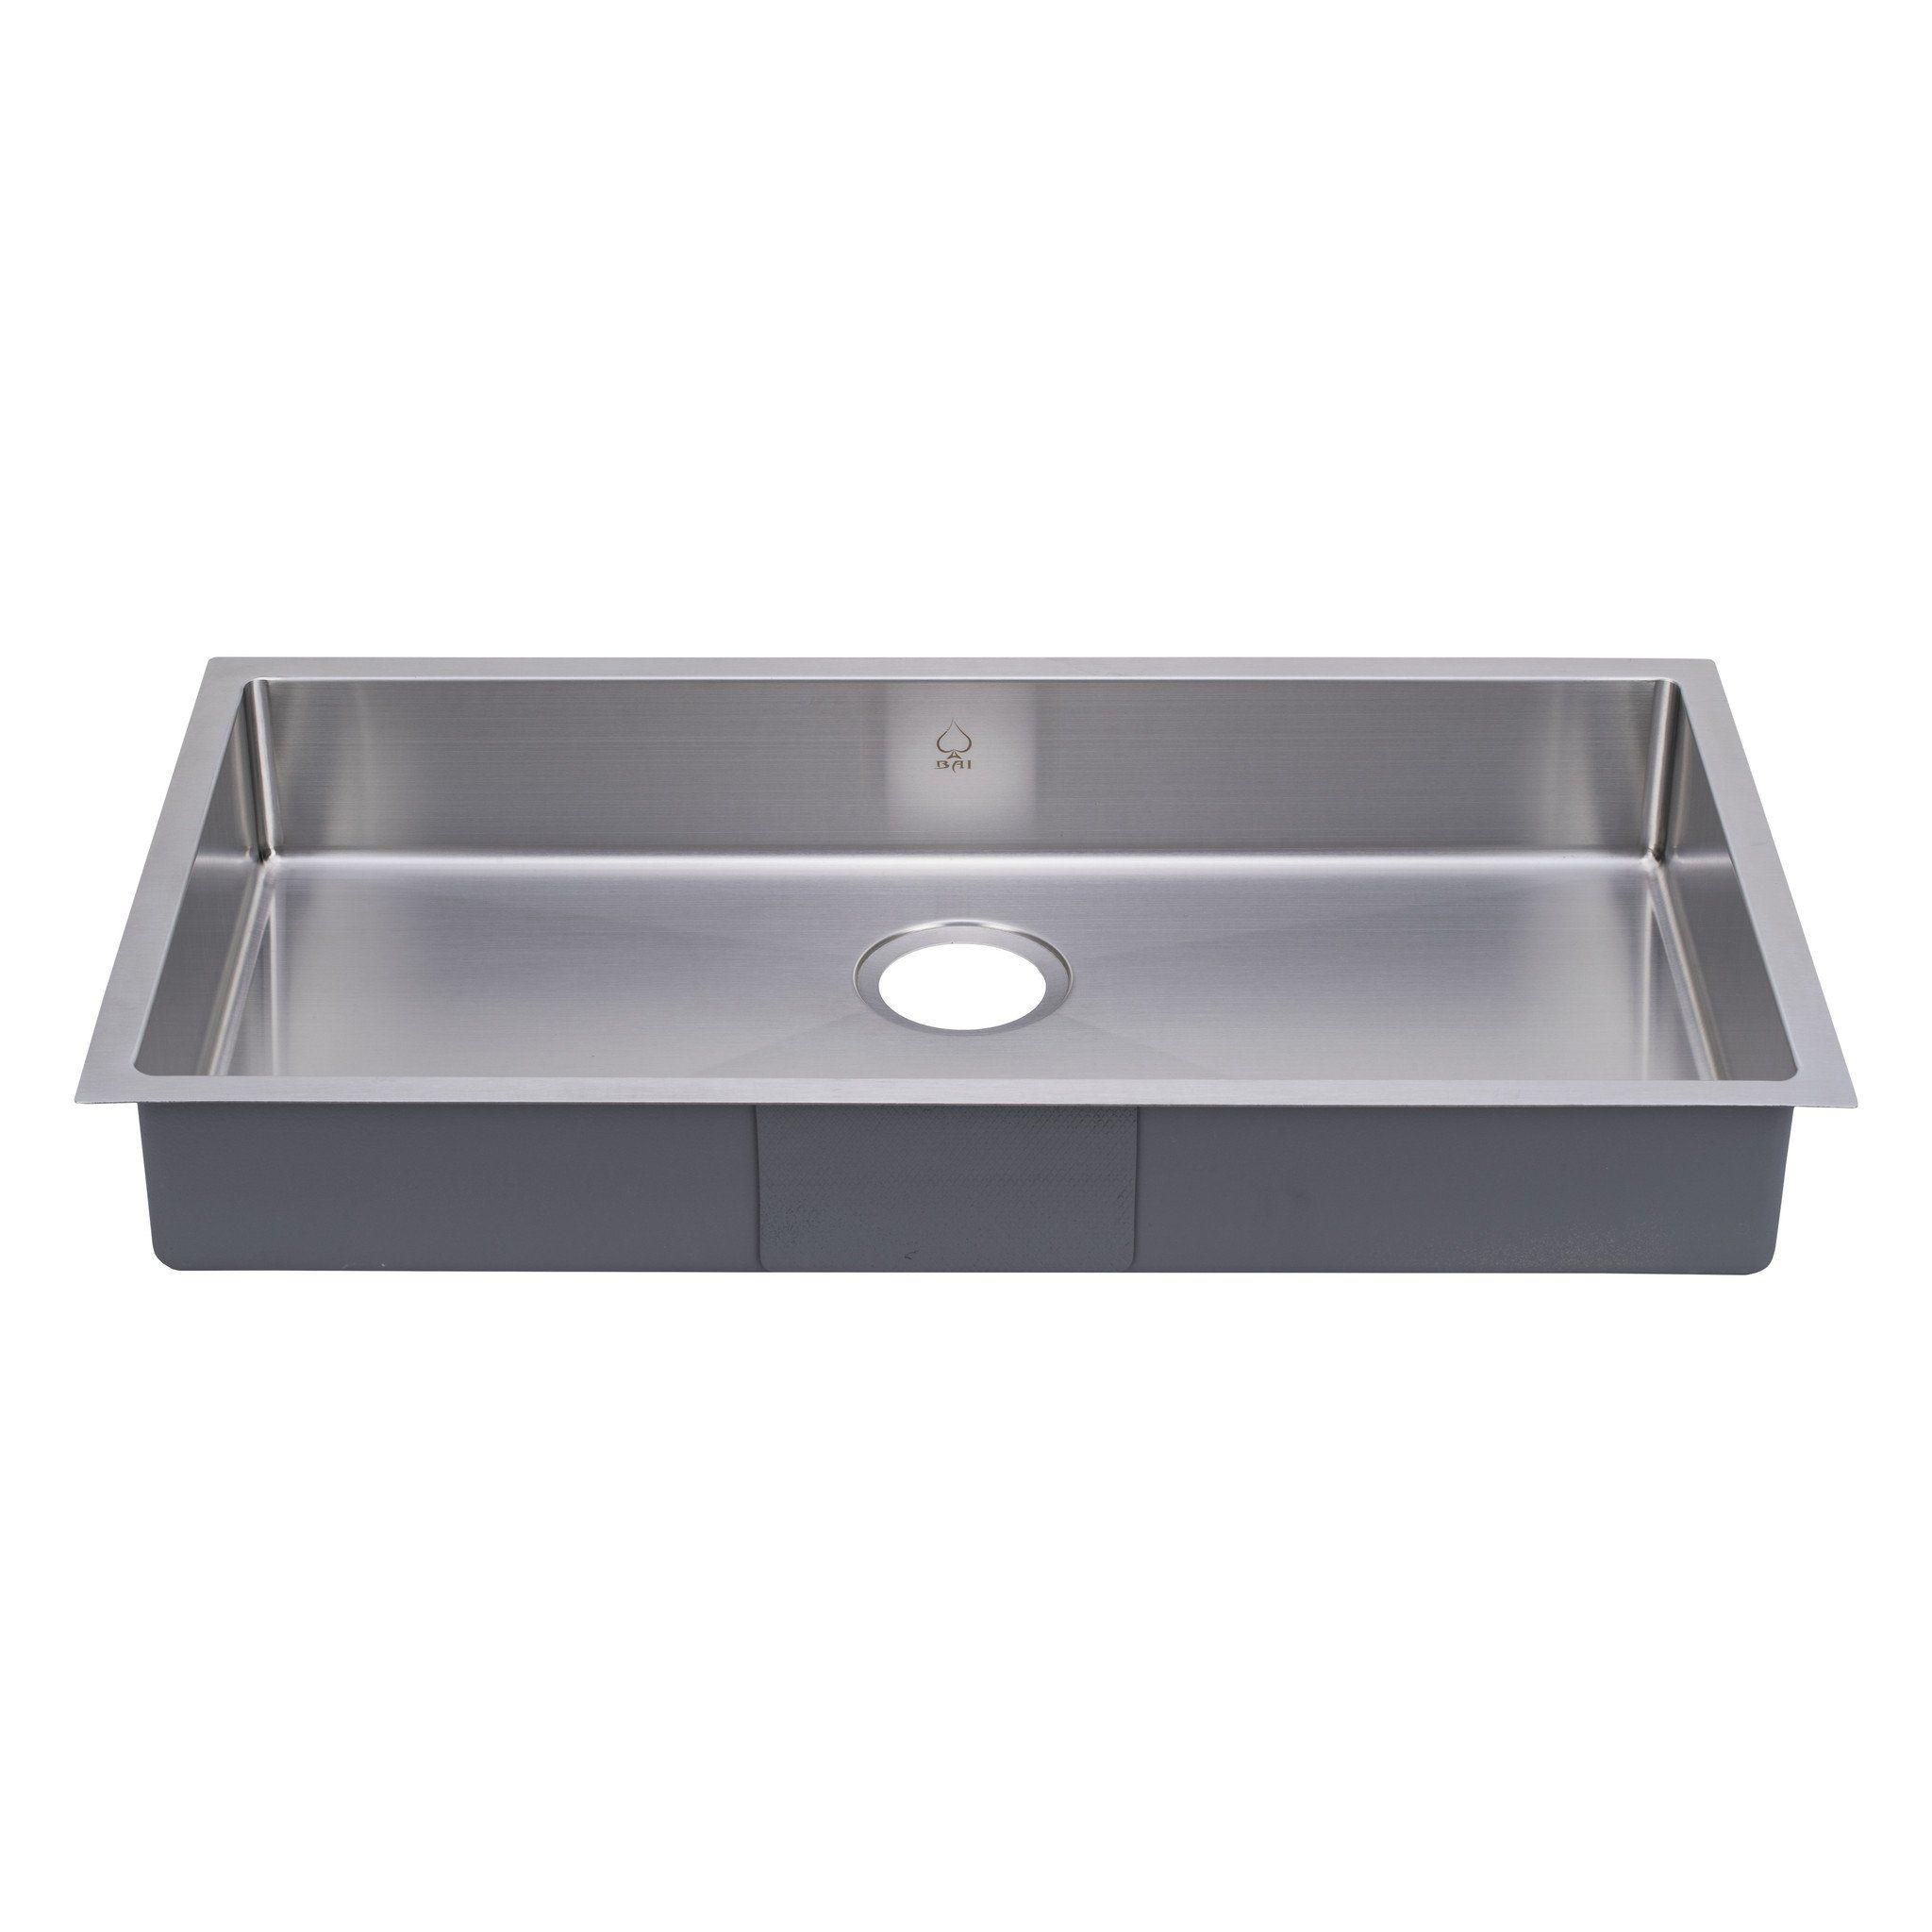 Bai 1248 Stainless Steel 16 Gauge Kitchen Sink Handmade 33